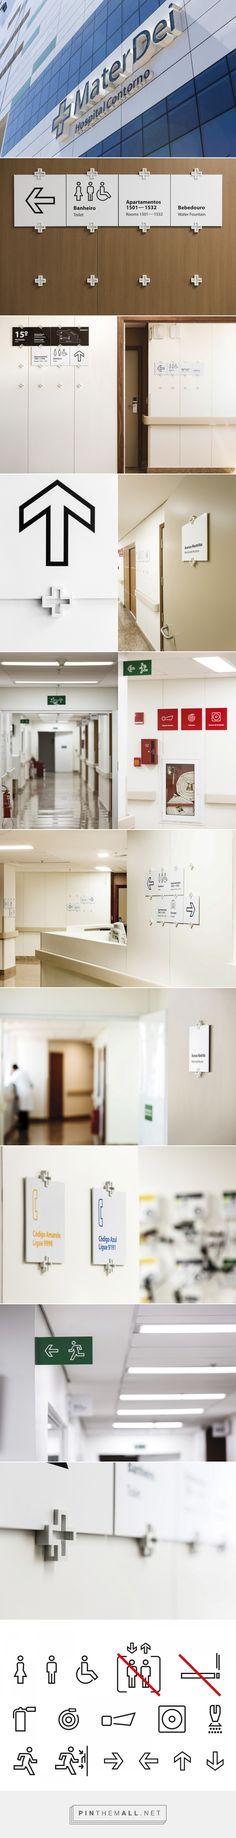 Sinalização Hospital Mater Dei Contorno | Greco Design - created via…